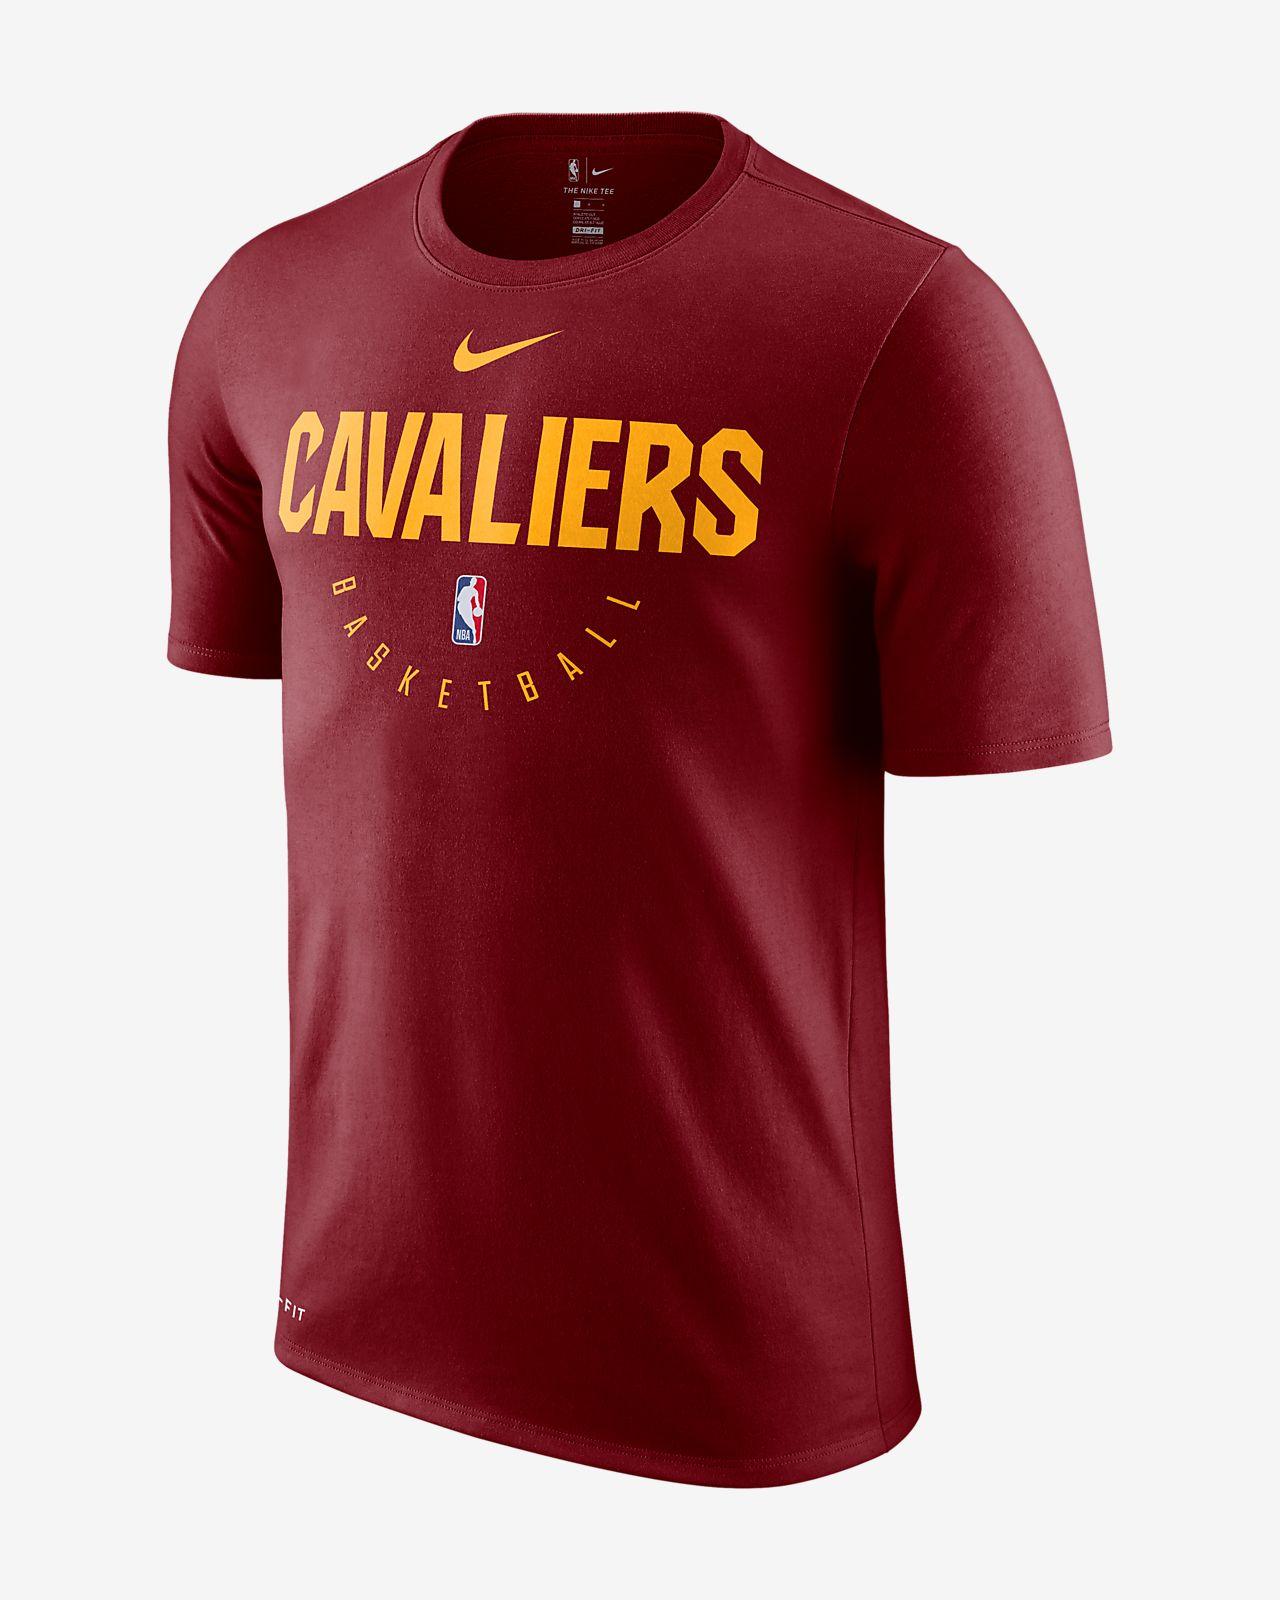 Hombre Nba Nike La Fit Dri Camiseta Cleveland Cavaliers De B8qA8xv a10faa5af69